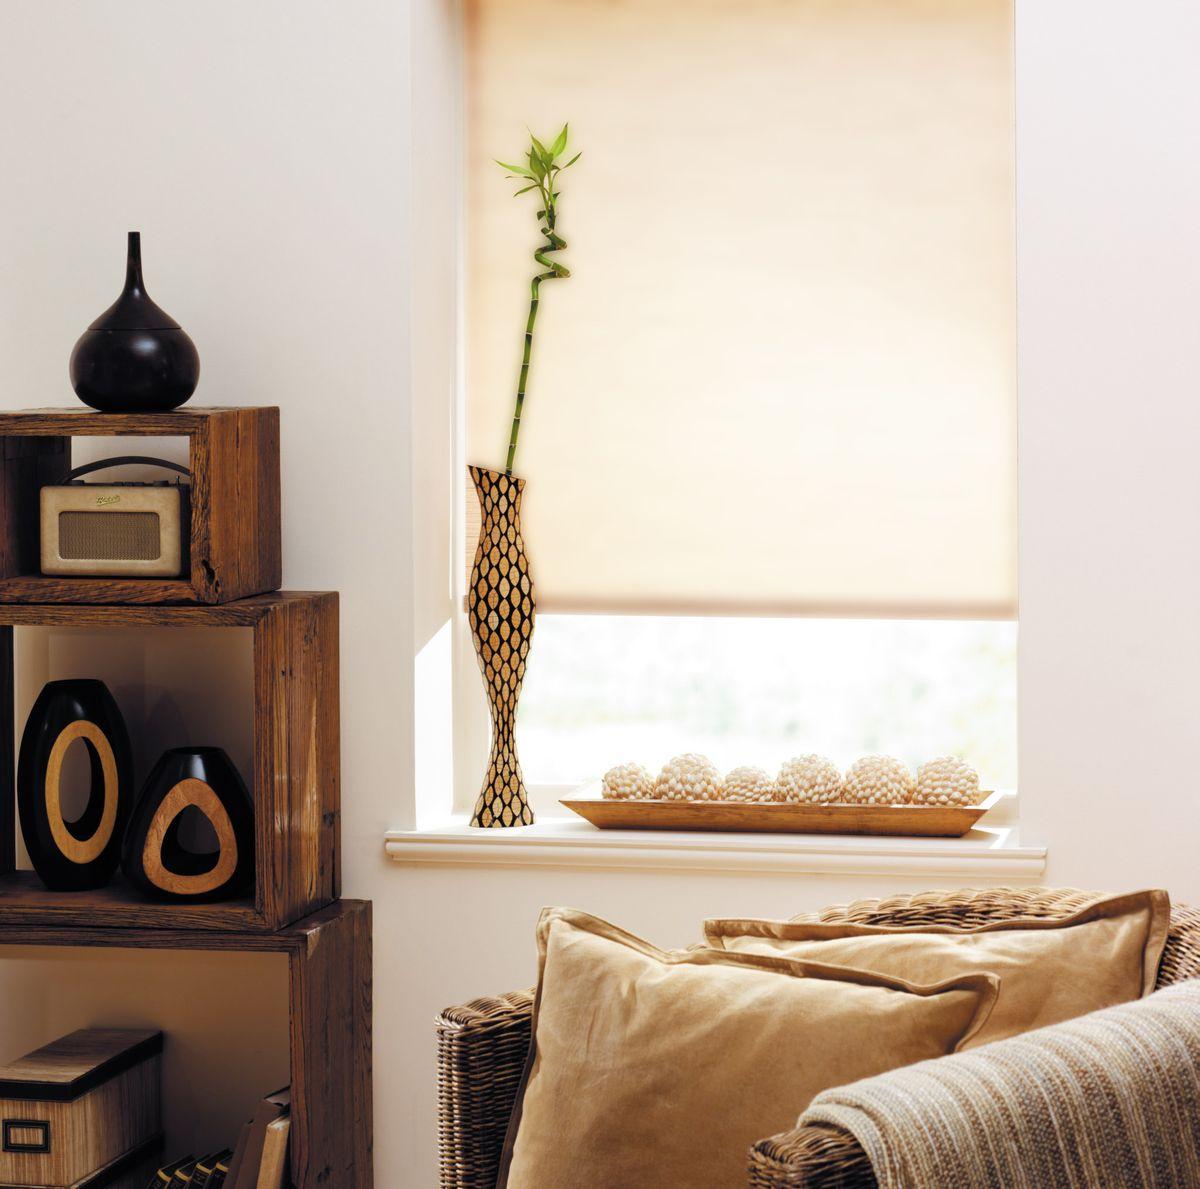 Штора рулонная Эскар Миниролло, цвет: бежевый лен, ширина 43 см, высота 170 см62.РШТО.8991.090х175Рулонная штора Эскар Миниролло выполнена из высокопрочной ткани, которая сохраняет свой размер даже при намокании. Ткань не выцветает и обладает отличной цветоустойчивостью.Миниролло - это подвид рулонных штор, который закрывает не весь оконный проем, а непосредственно само стекло. Такие шторы крепятся на раму без сверления при помощи зажимов или клейкой двухсторонней ленты (в комплекте). Окно остается на гарантии, благодаря монтажу без сверления. Такая штора станет прекрасным элементом декора окна и гармонично впишется в интерьер любого помещения.